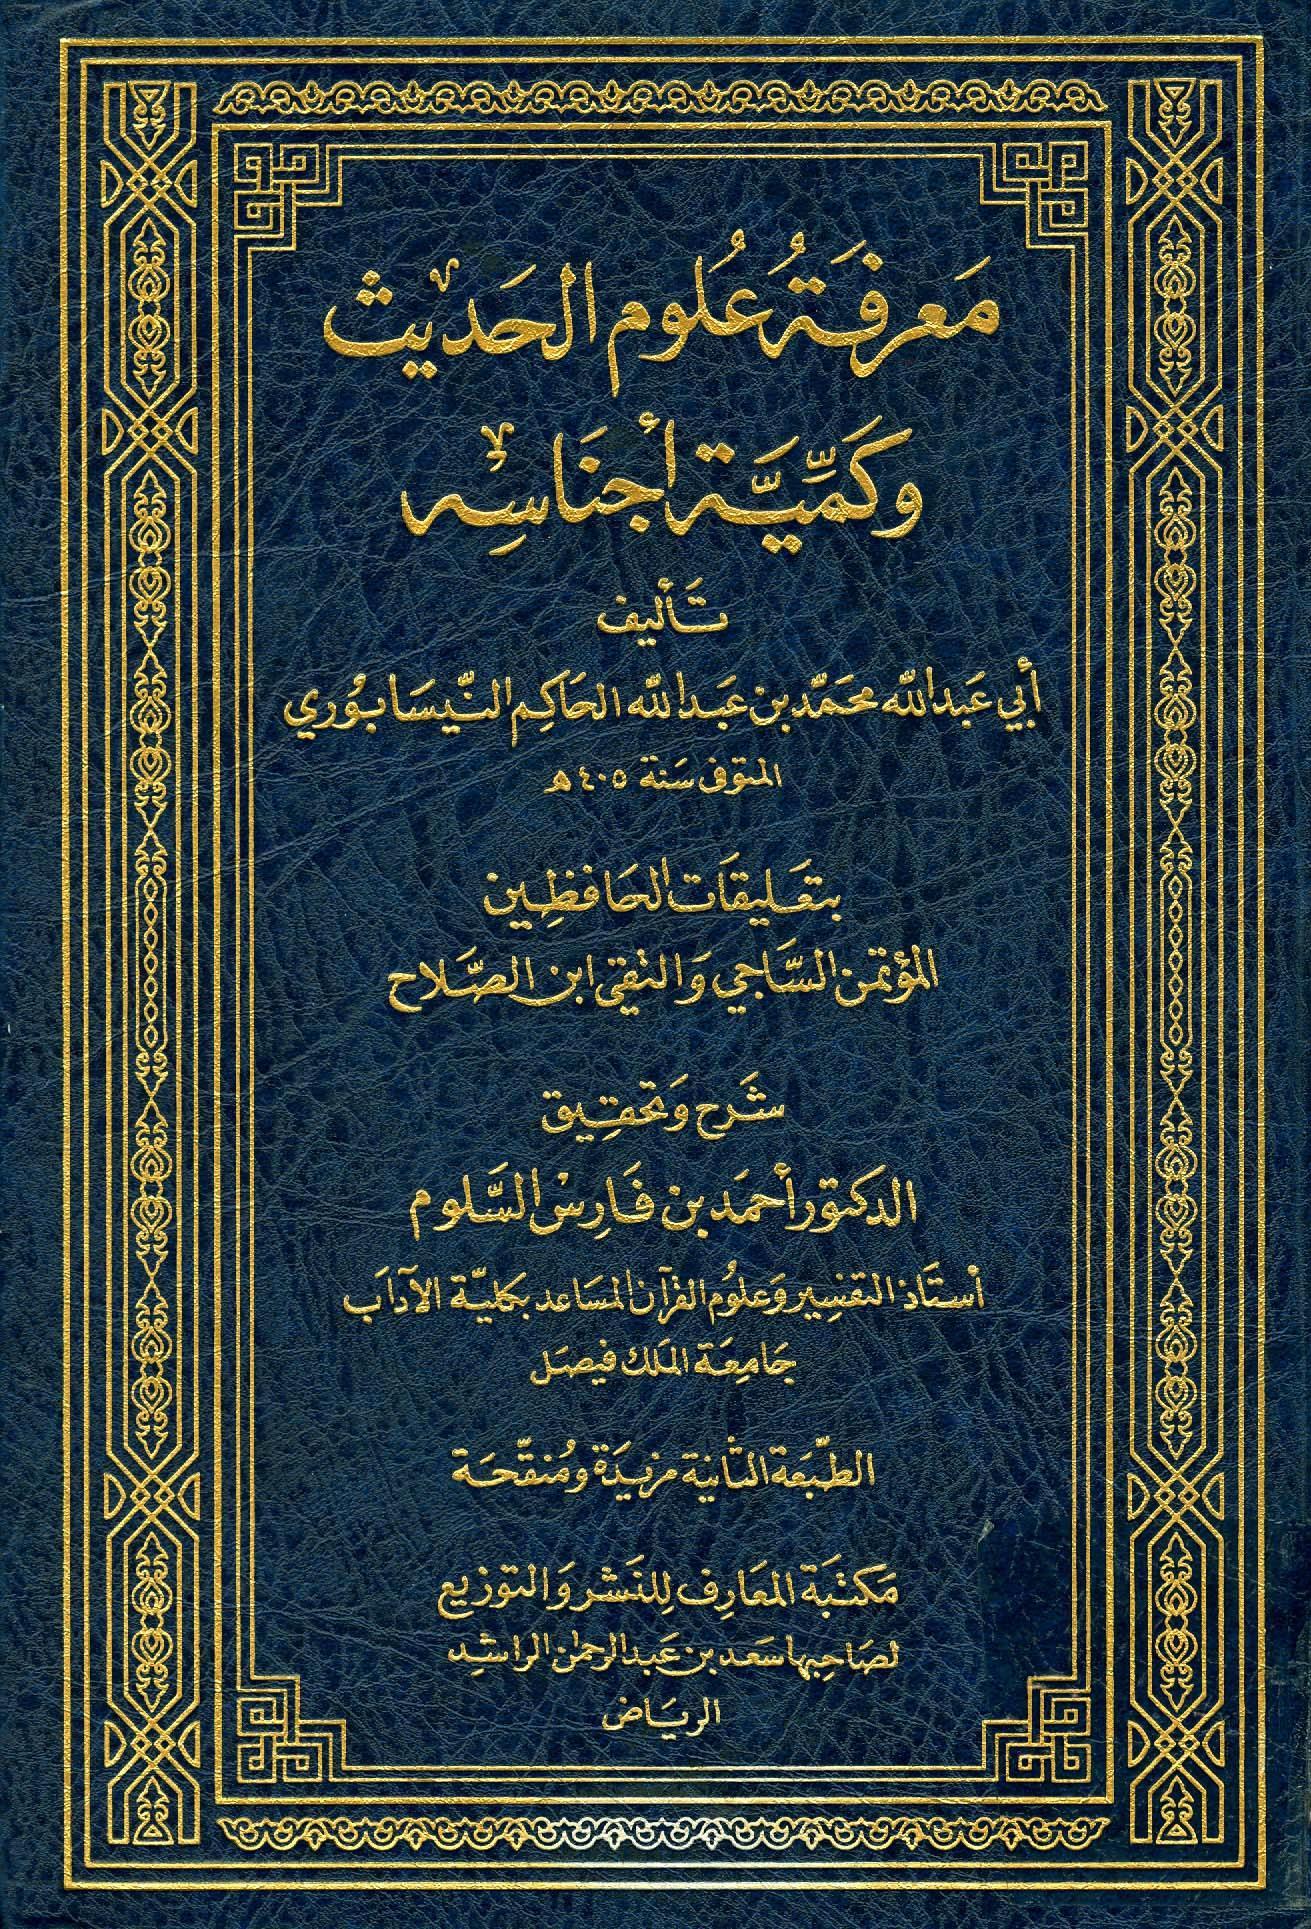 موسوعة كتب الحديث الشريف والتراجم (الجزء12) 680 كتاب